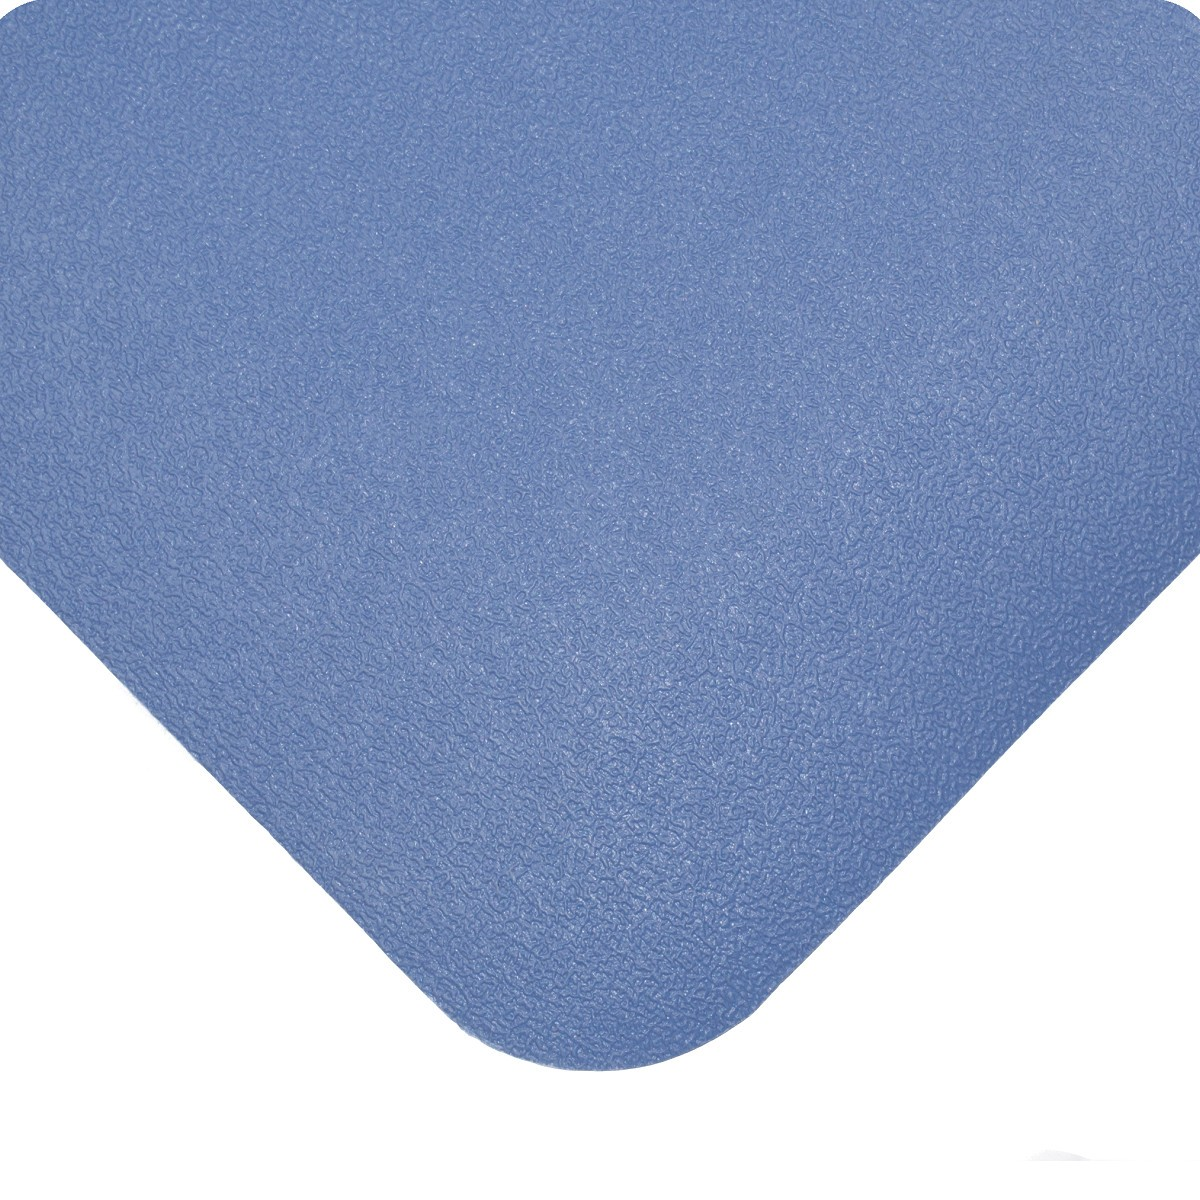 Wearwell 423 Soft Rock Floor Mat Blue Stone Fullsource Com